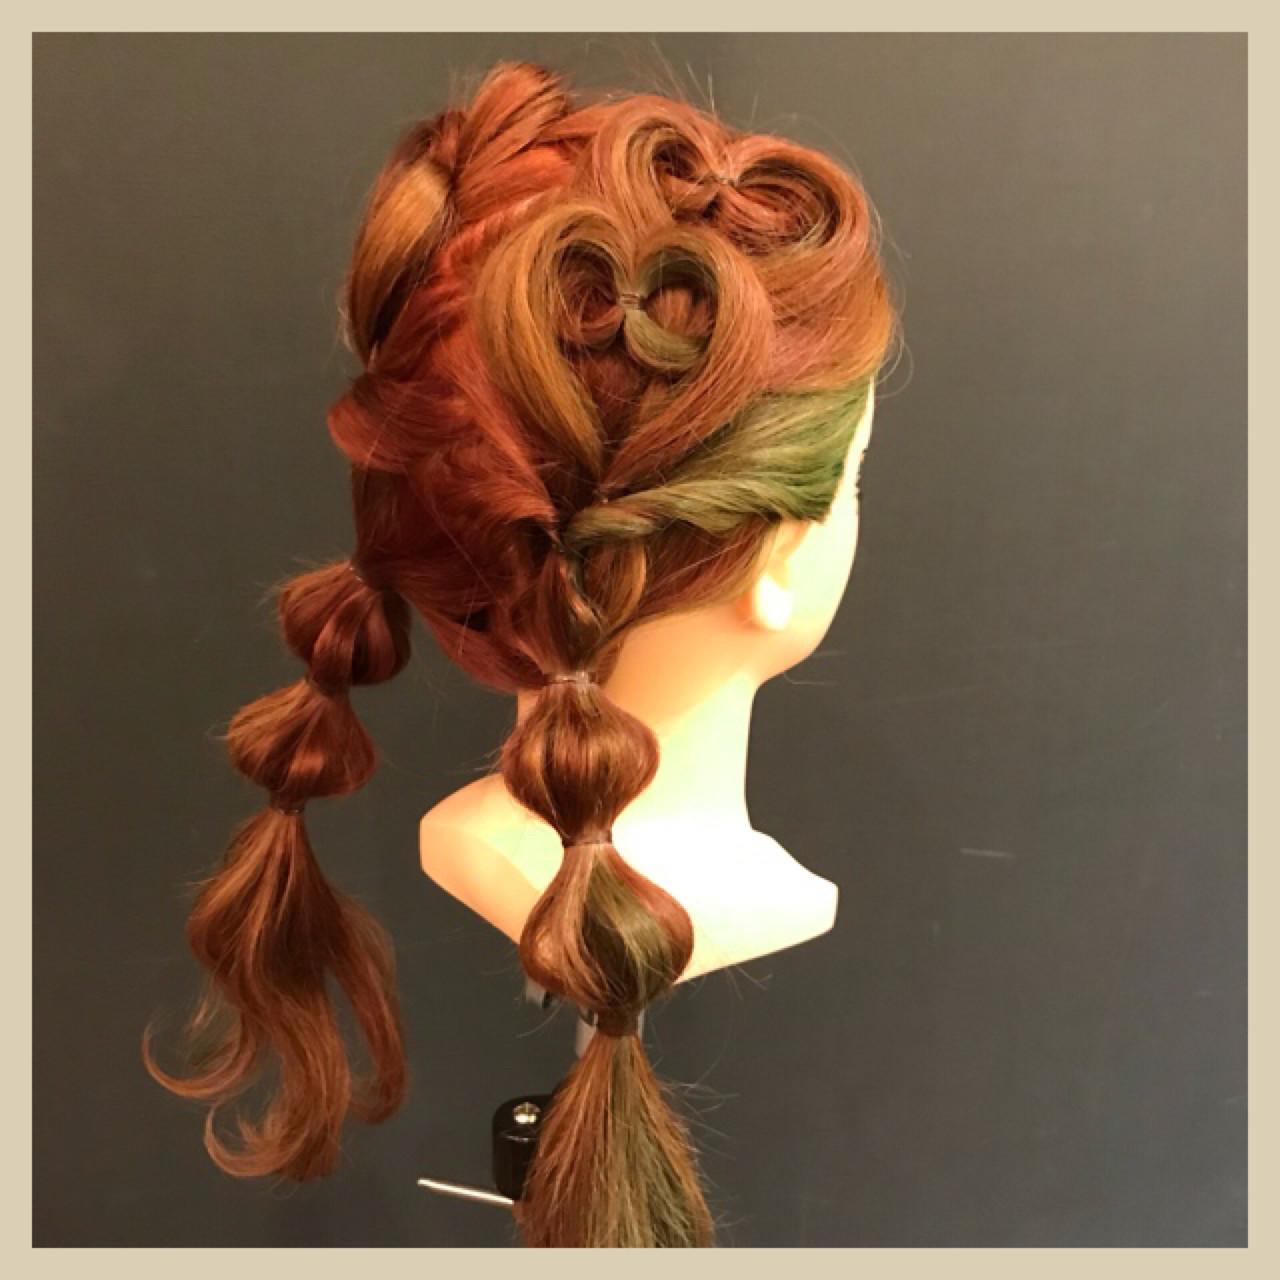 ツインテール 子供 ママ ヘアアレンジ ヘアスタイルや髪型の写真・画像